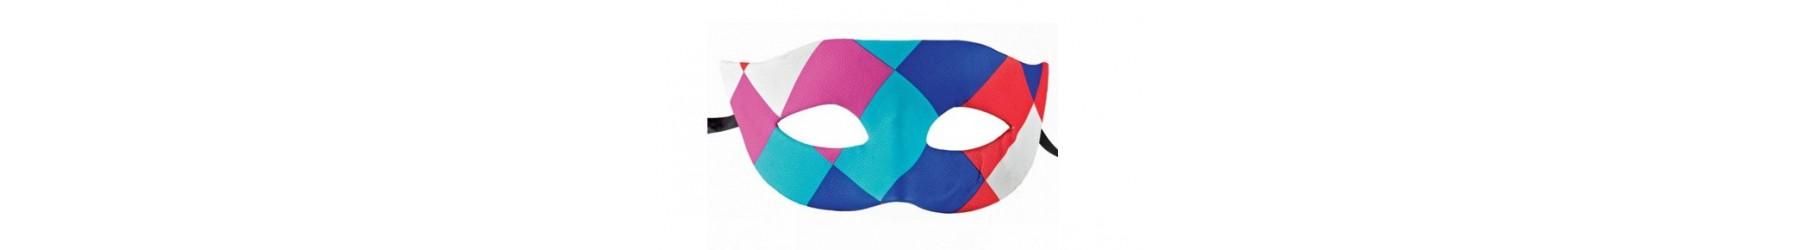 Αποκριάτικες μάσκες για τα μάτια